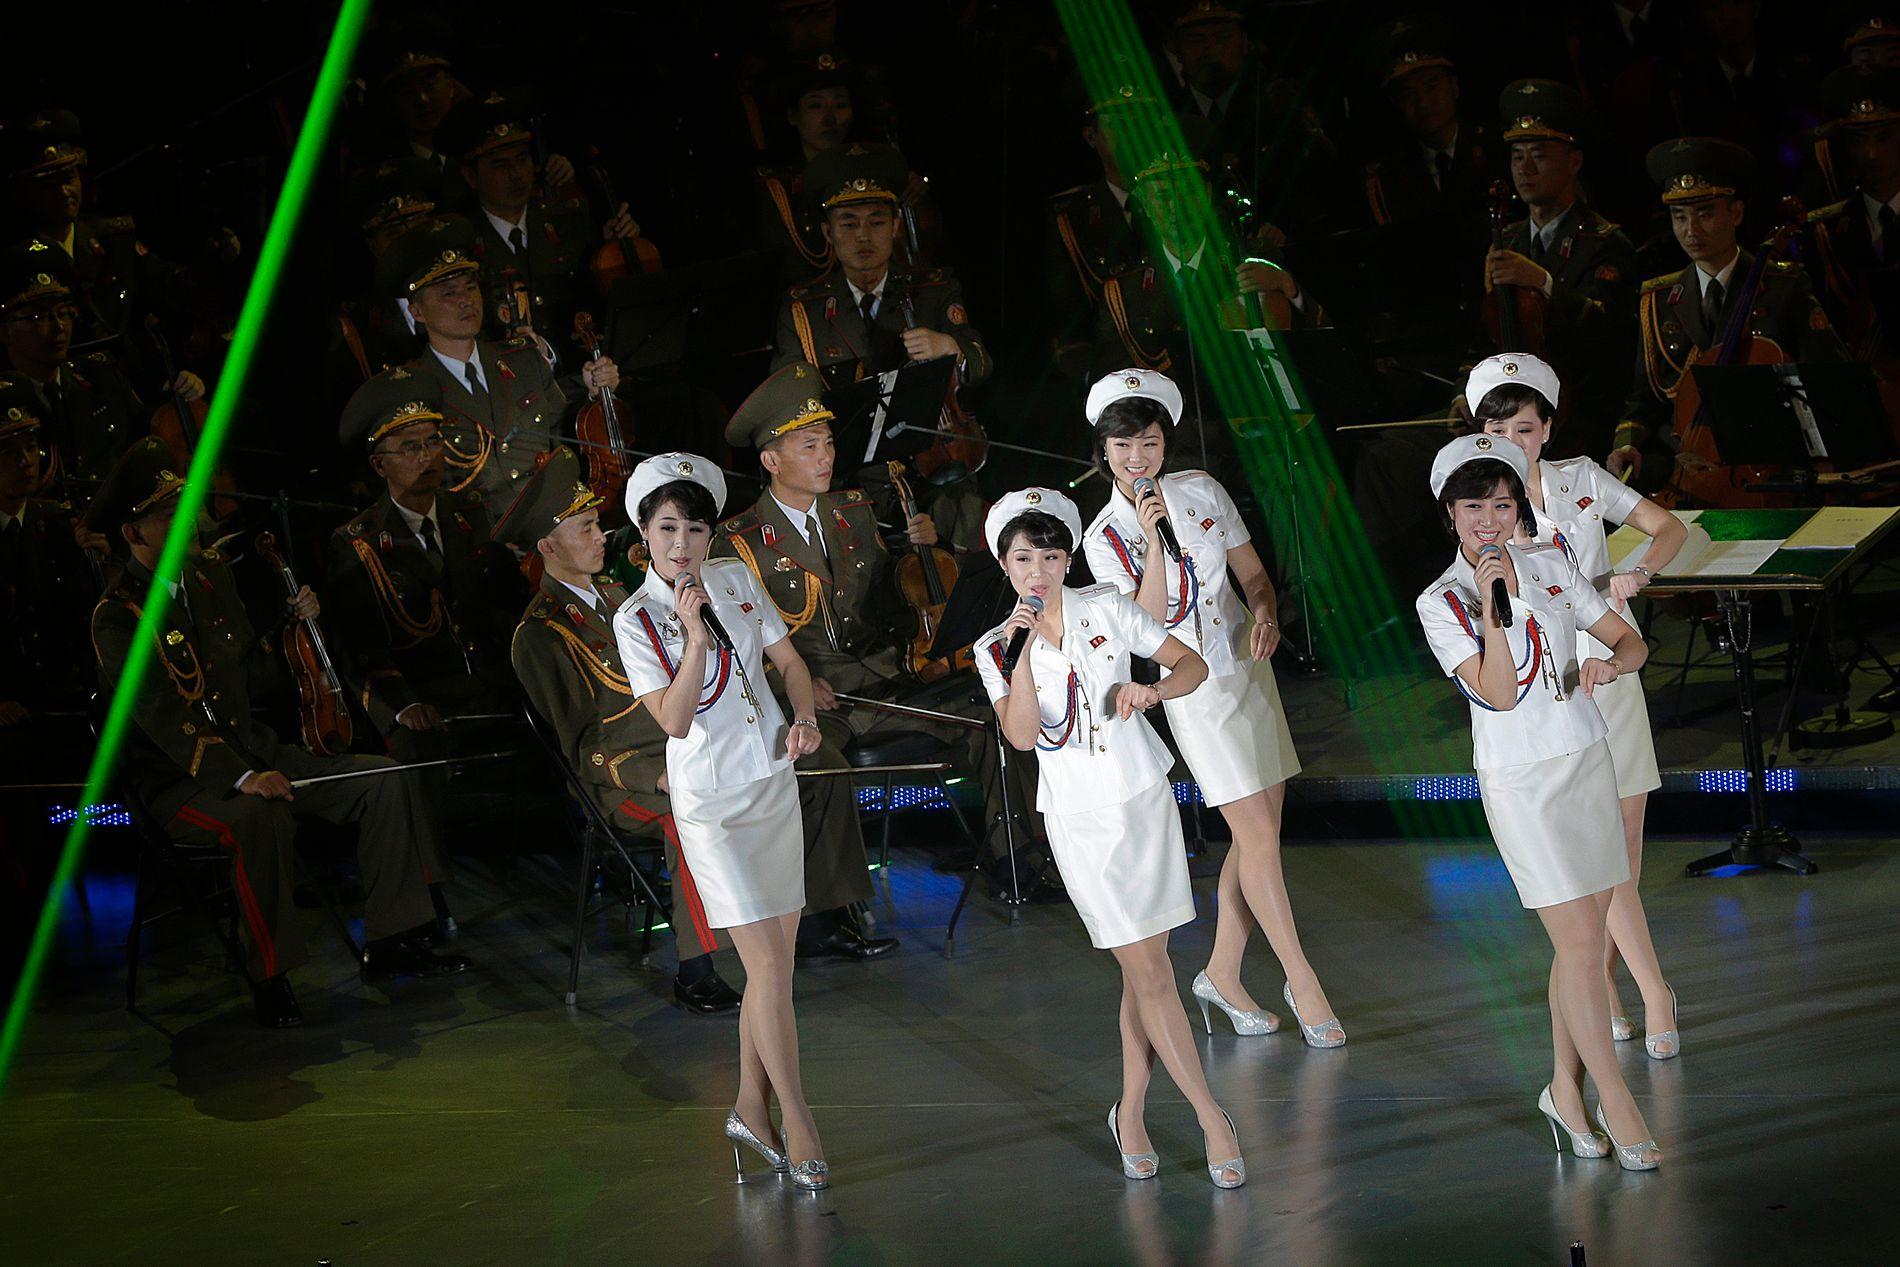 SPICY: De er blitt sammenlignet med Spice Girls. Nå kan det hende du får se de opptre under vinter-OL i Sør-Korea i februar.